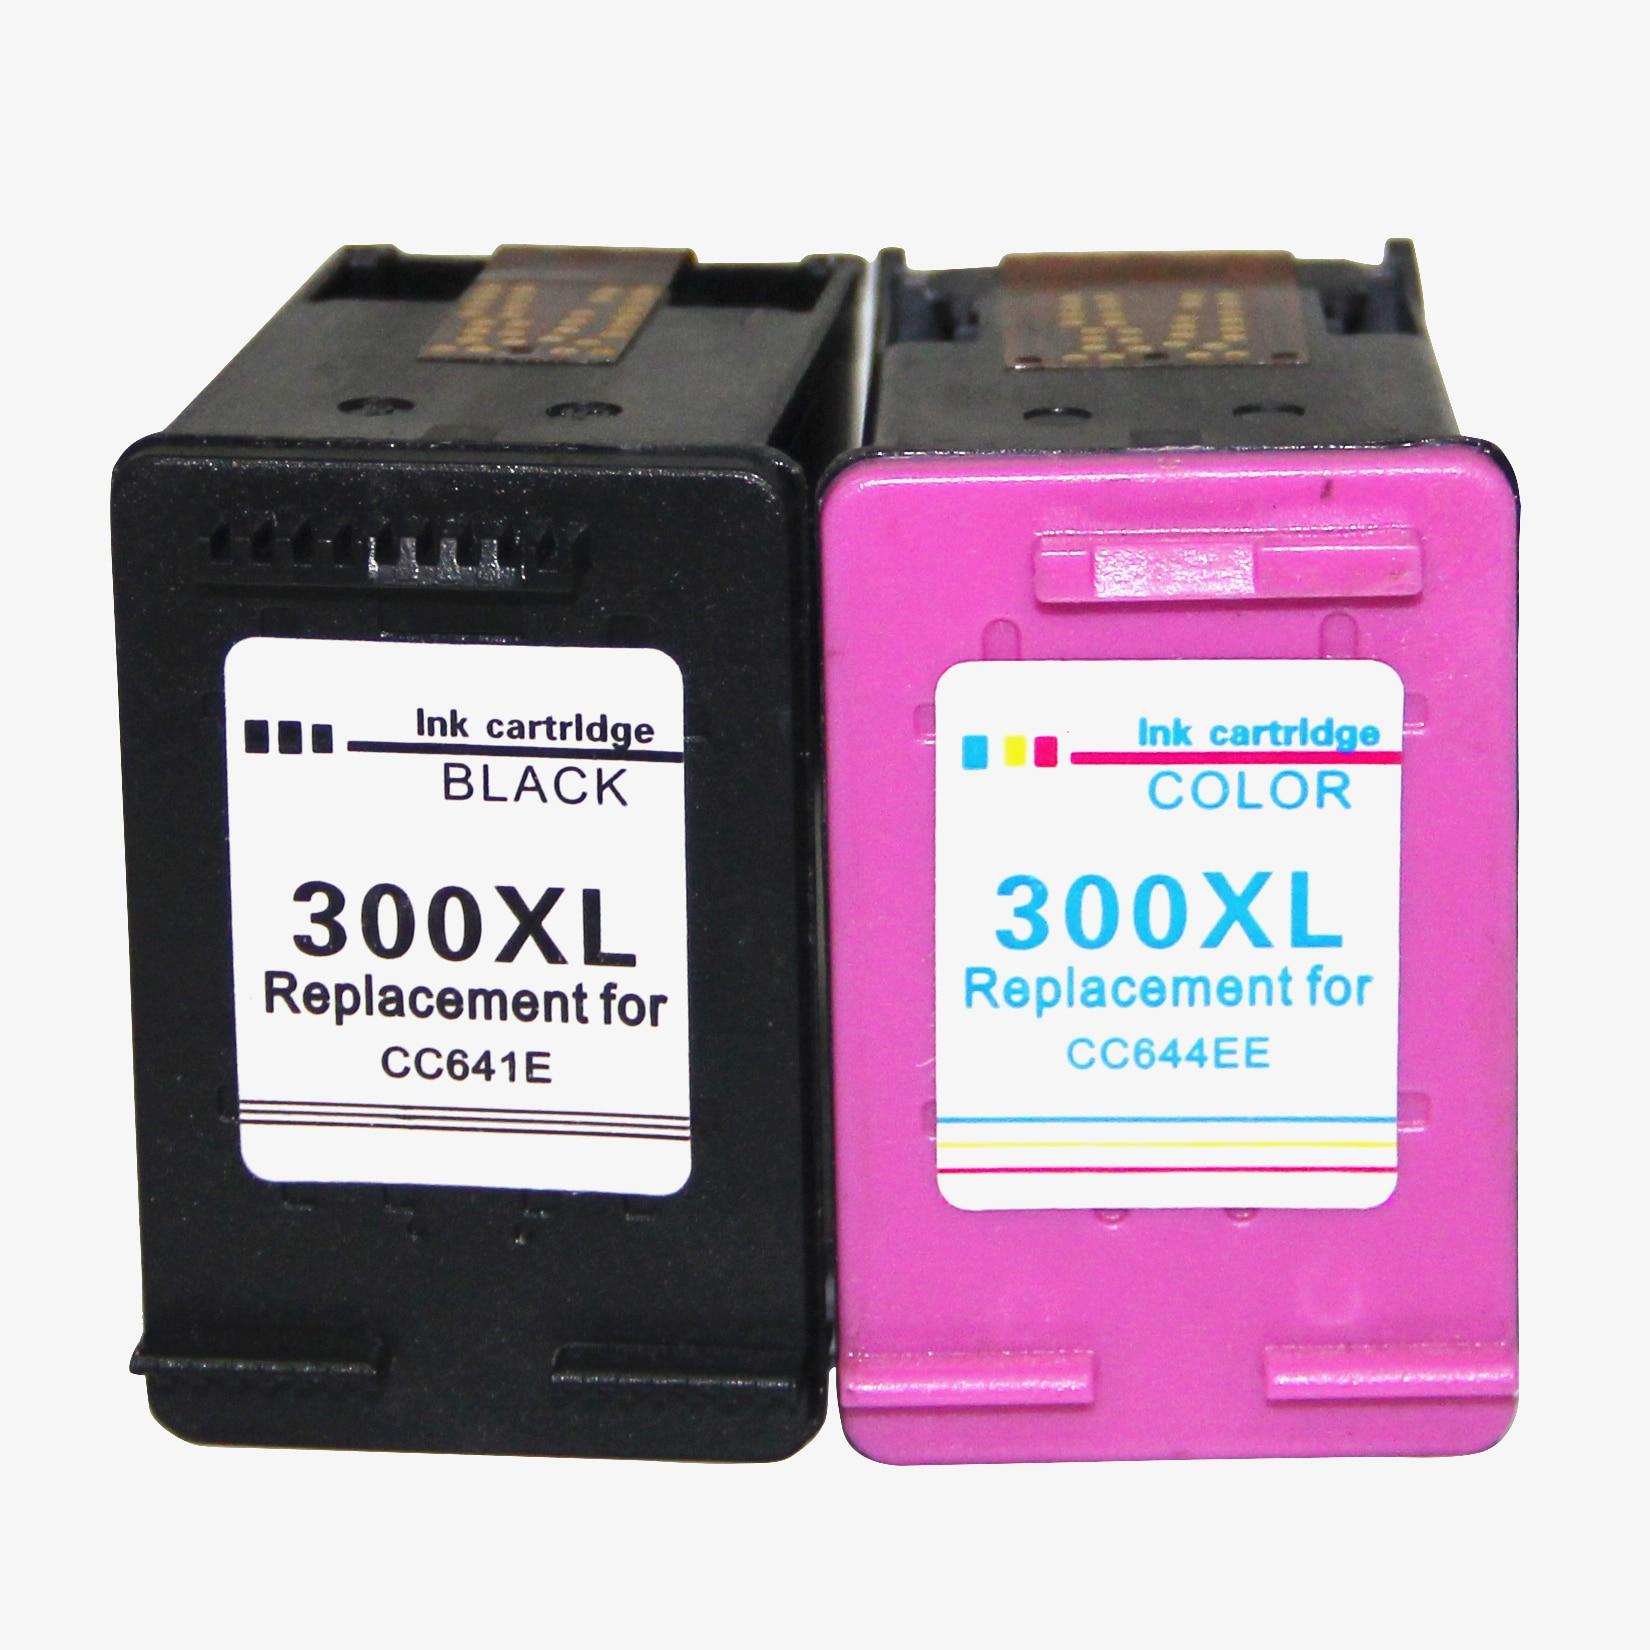 Yazfor hp 300 cartuchos de tinta 300xl, compatíveis com hp fotosmart c4780 c4680 deskjet d1660 d1663 d2530 d2545